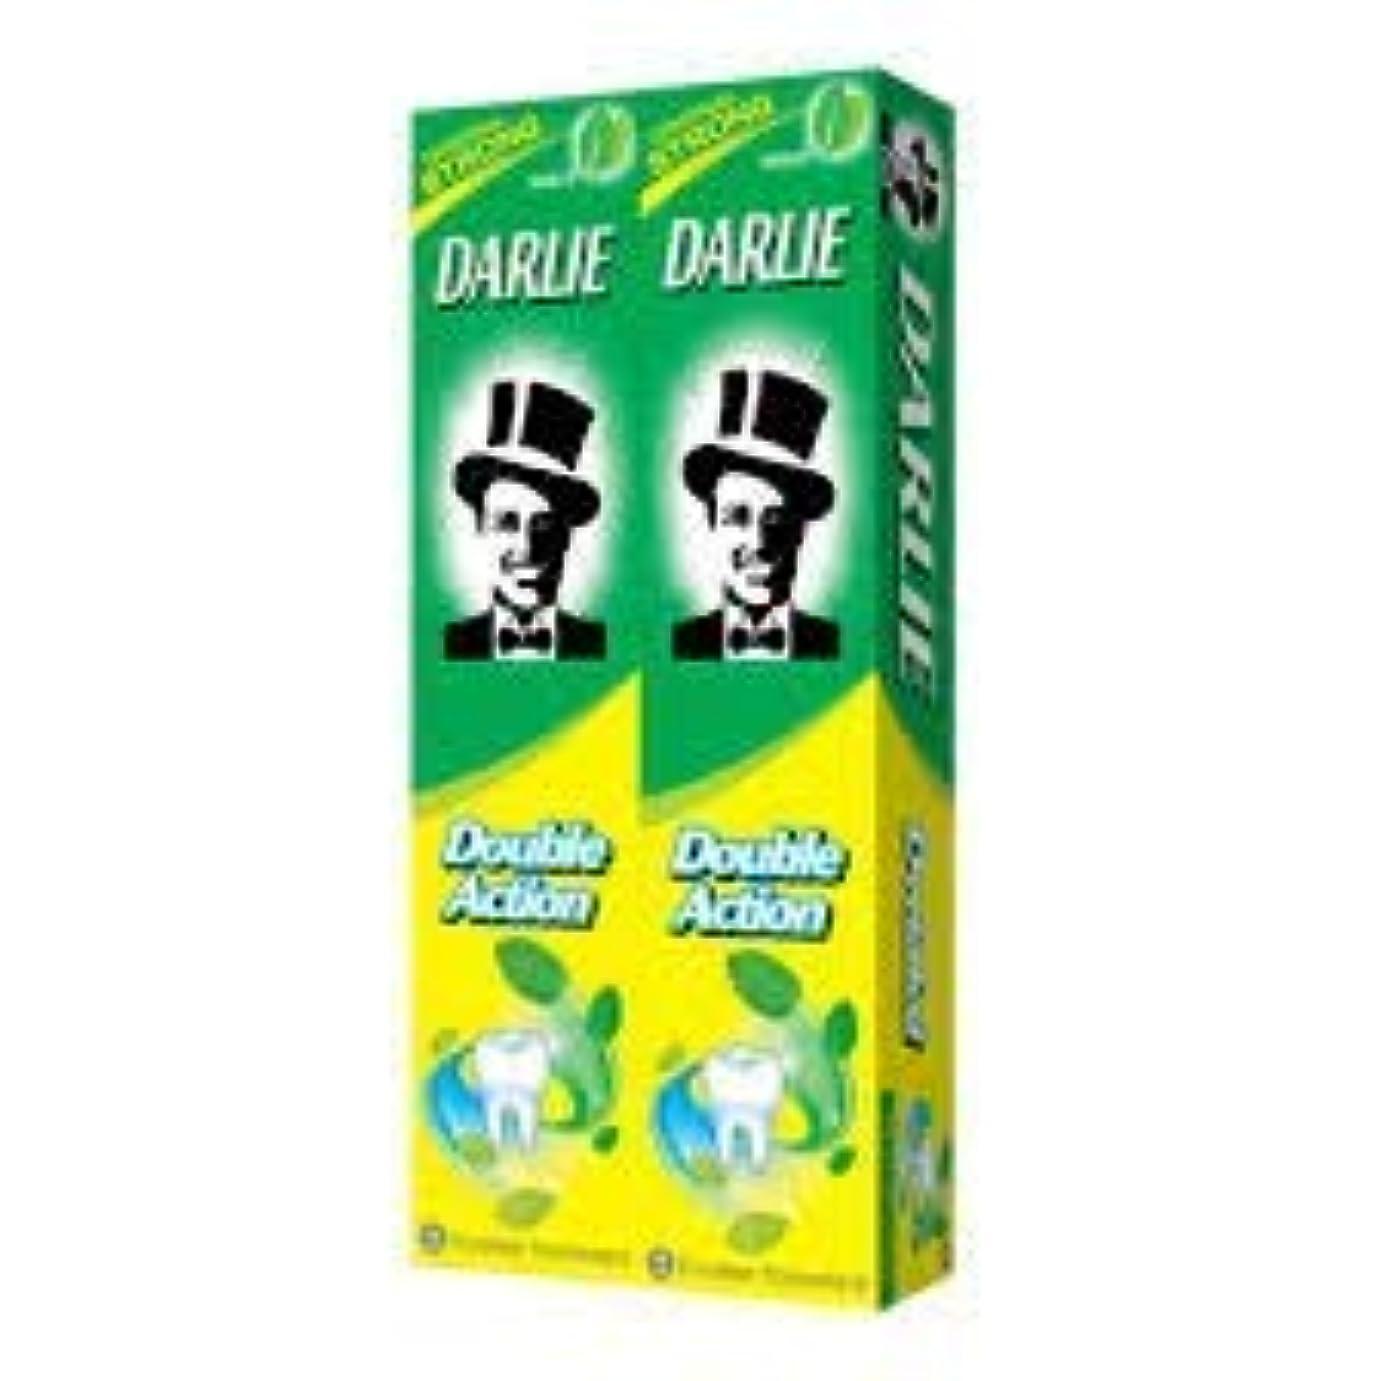 かき混ぜる大量ペーストDARLIE 歯磨き粉2×225gの複動GWPは、より永続的な新鮮な息12時間-gives - 口腔細菌を減少させるのに有効